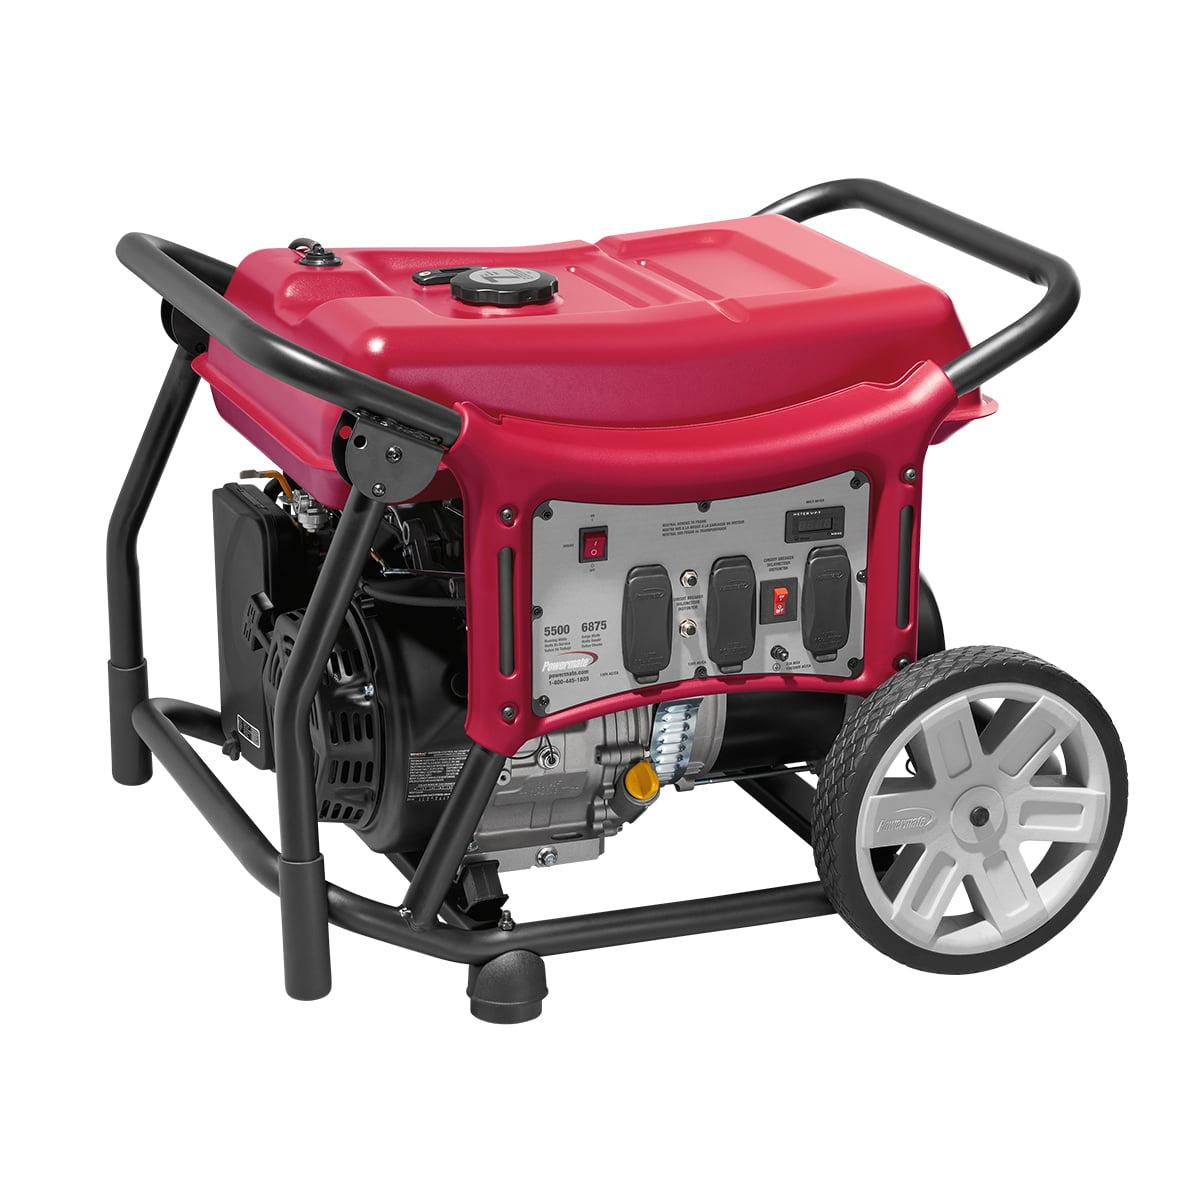 Powermate 5500 Watt Portable Generator, CSA - PC0145500